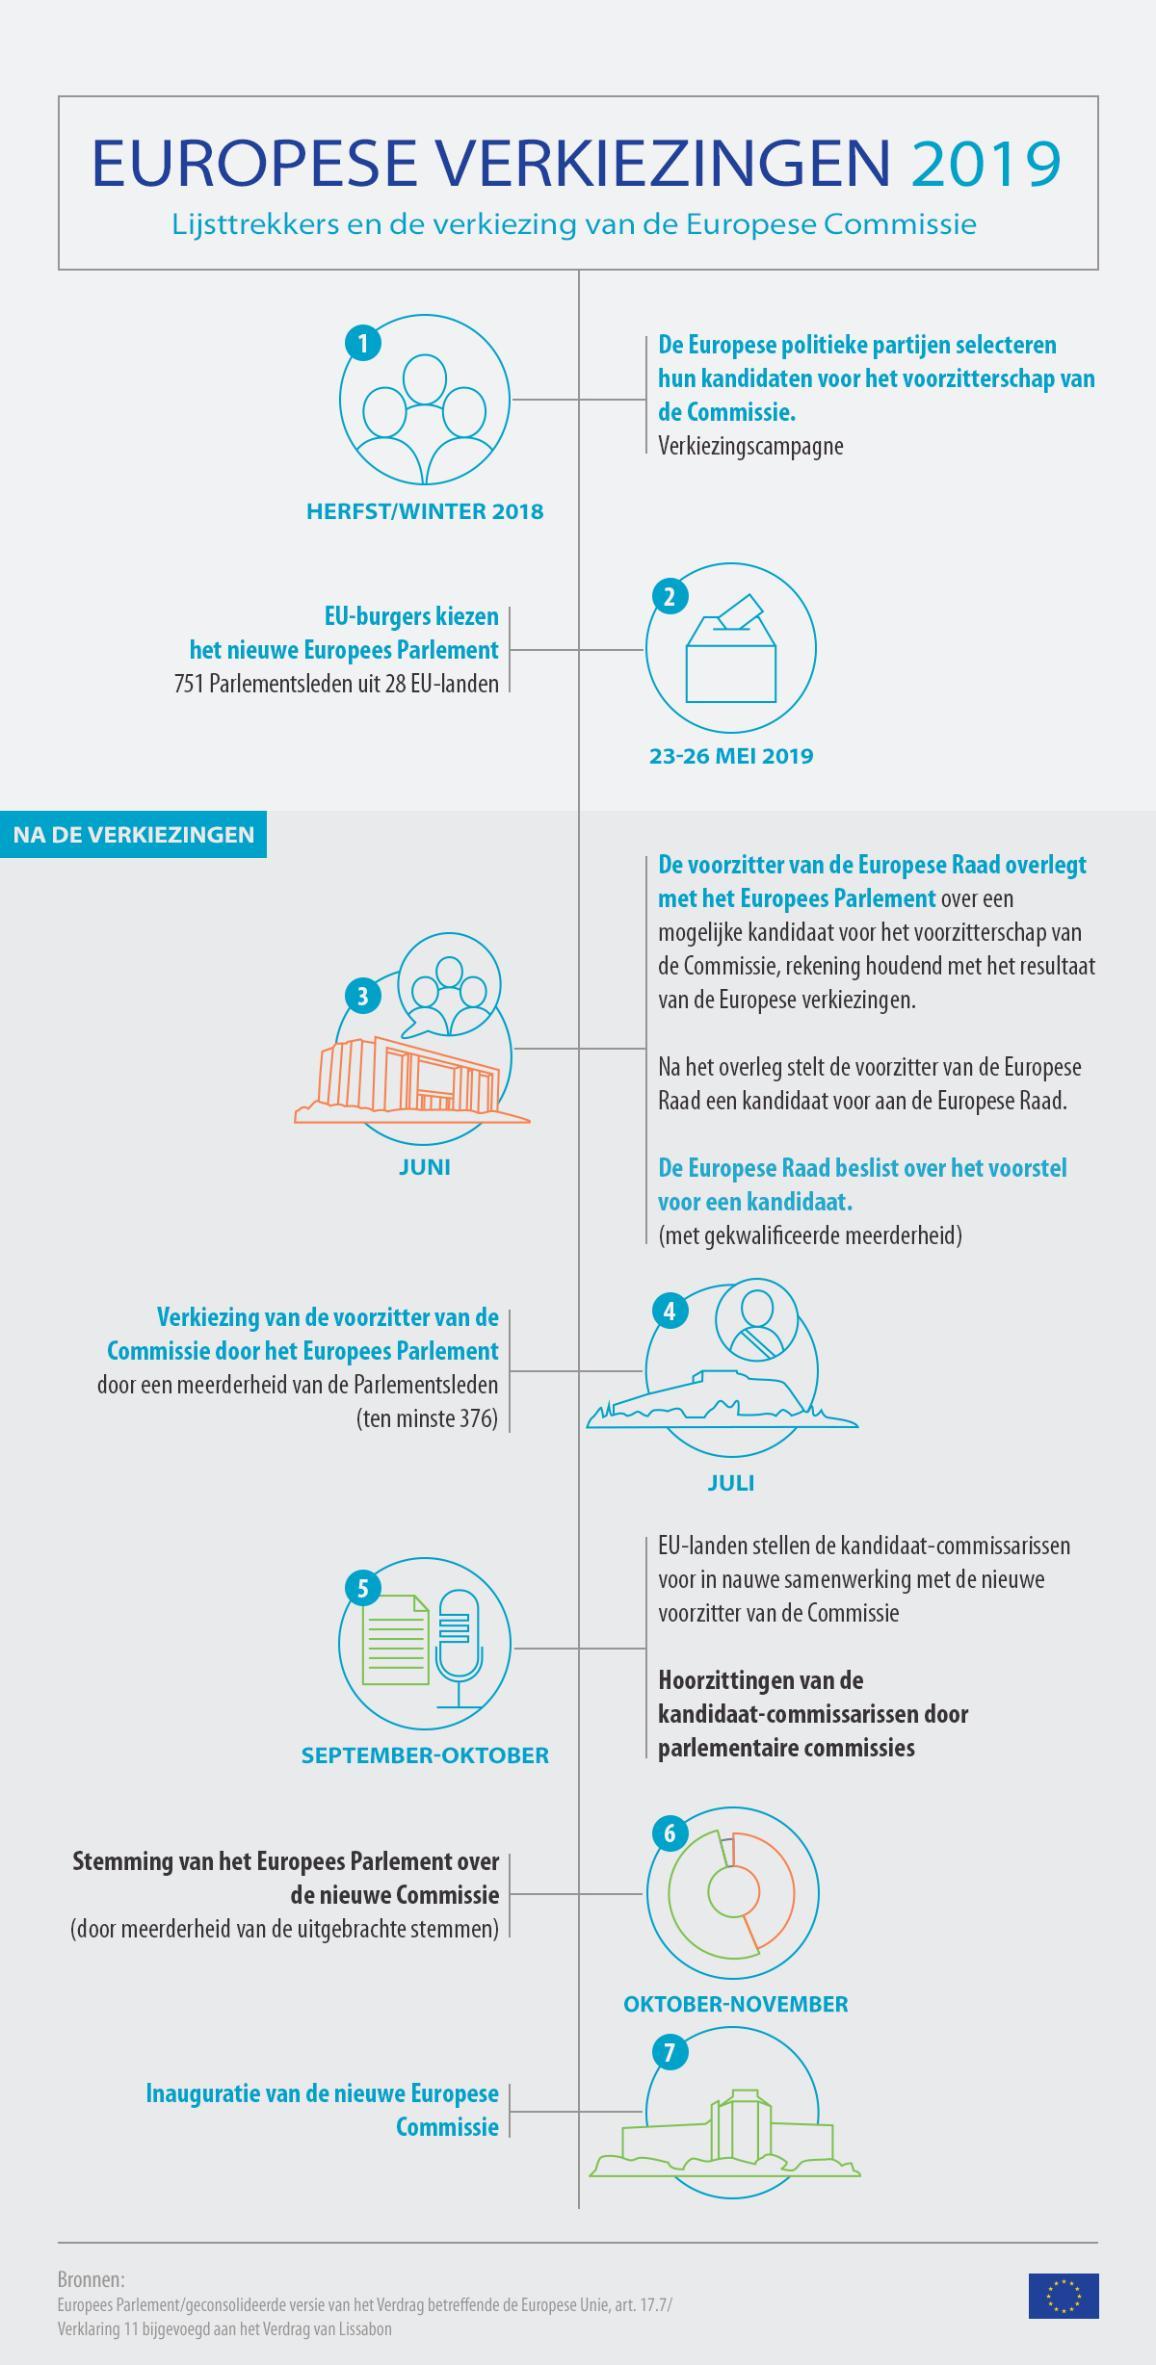 Infografiek over de tijdlijn van de Europese verkiezingen 2019.